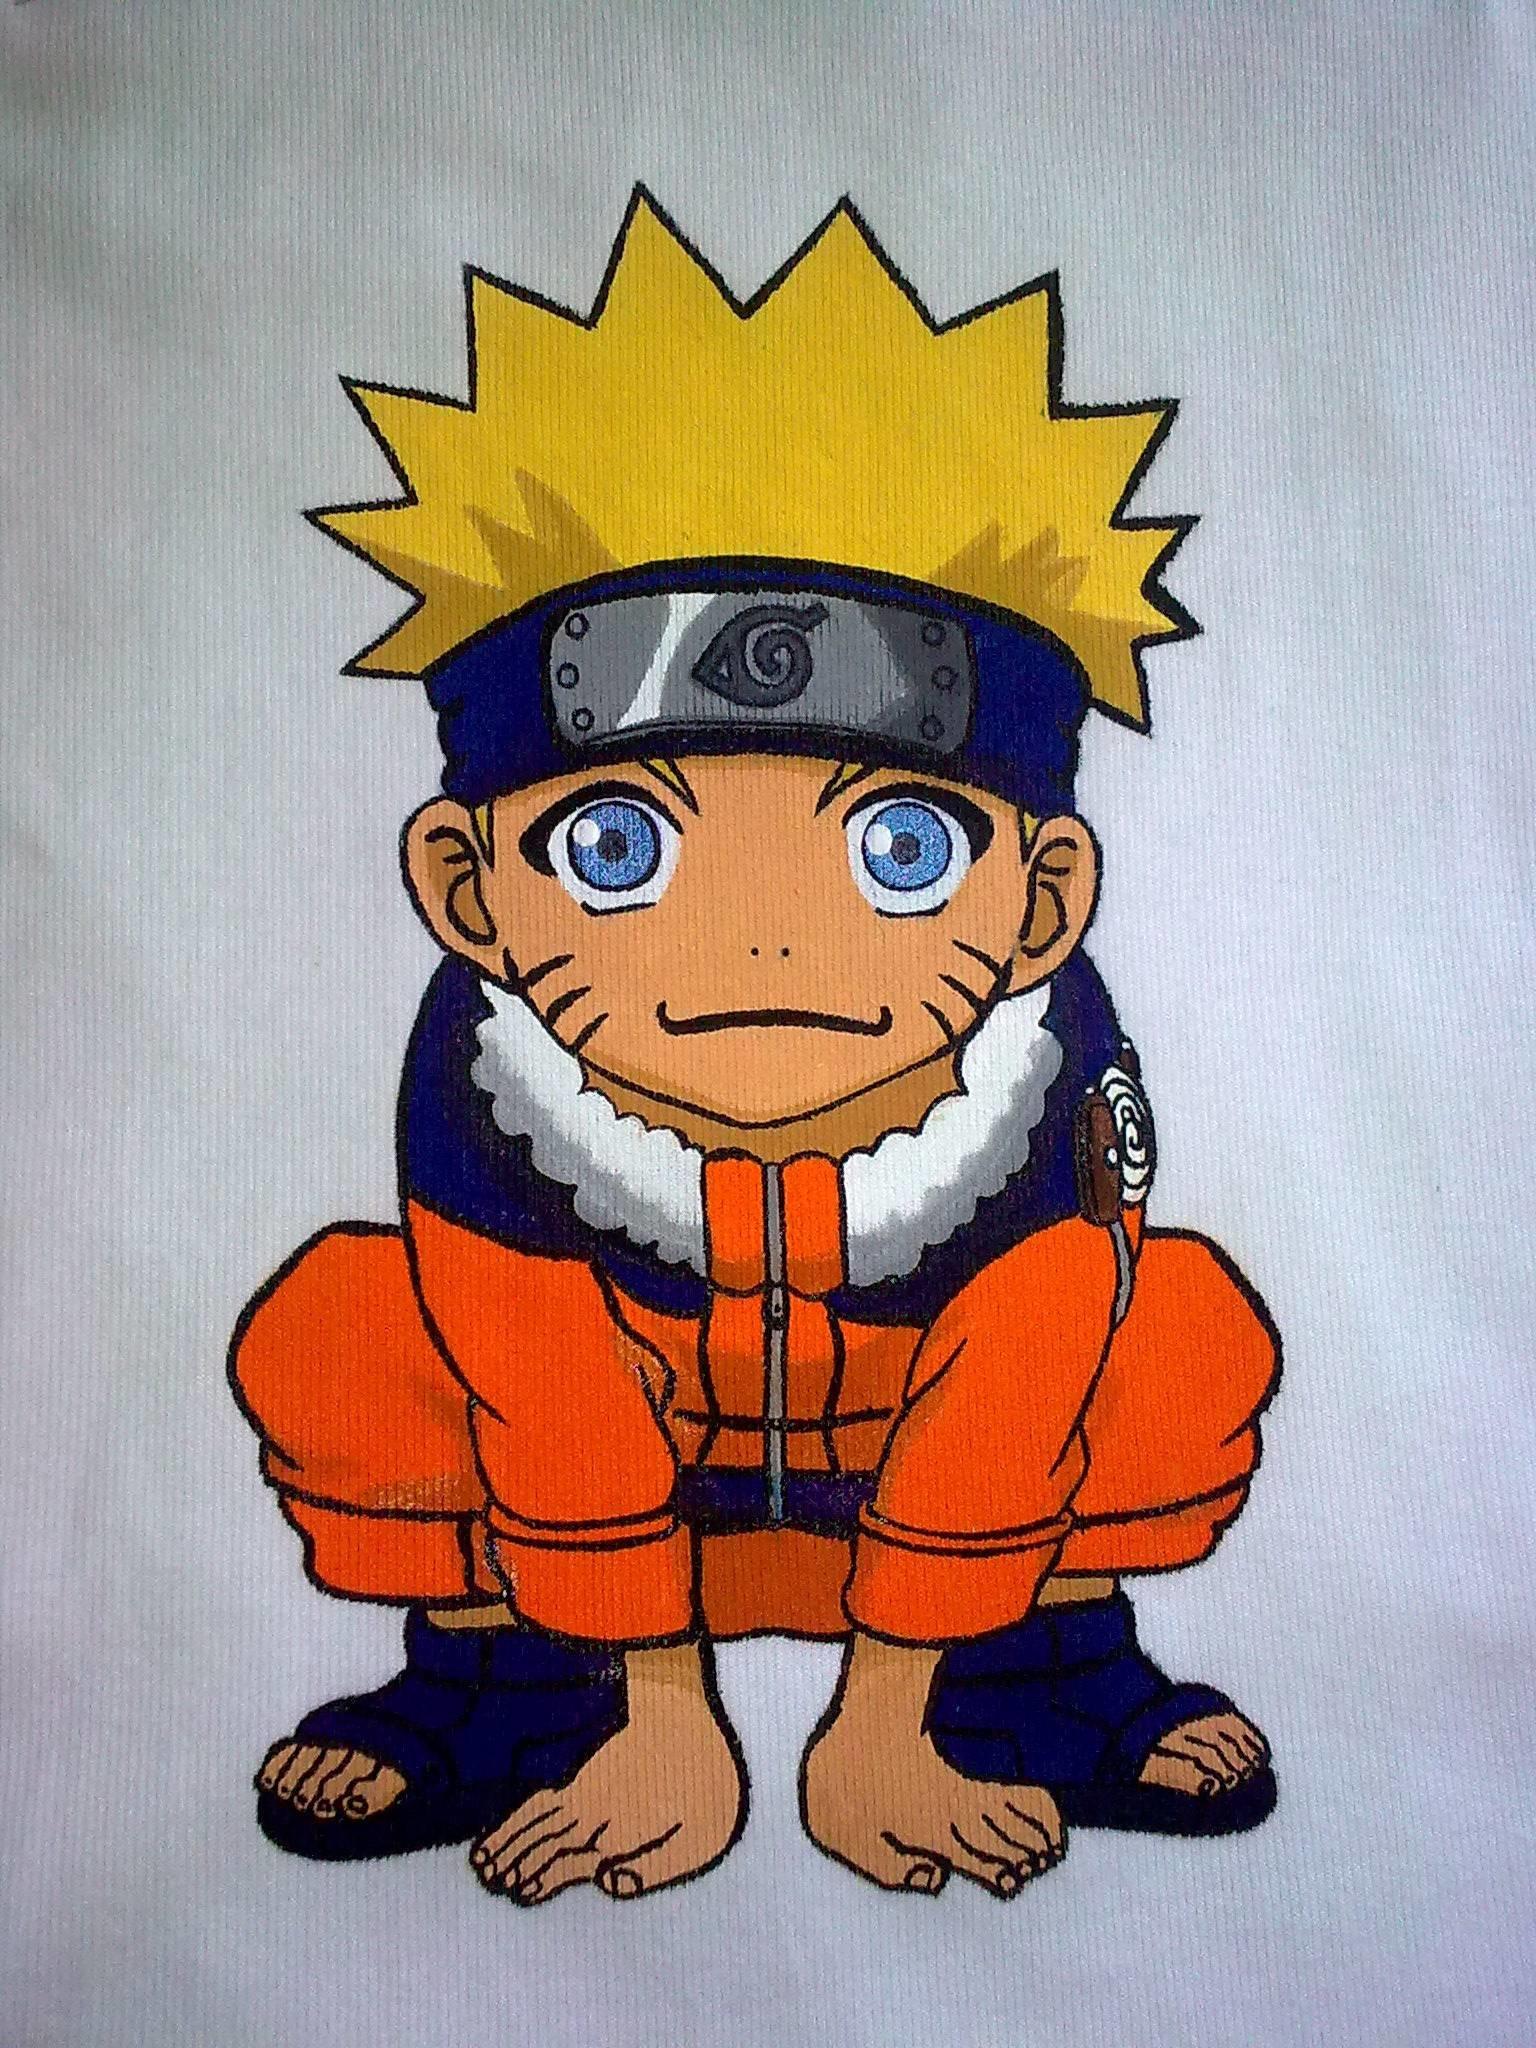 Sasori Wallpaper Hd Naruto Chibi Wallpaper 183 ①